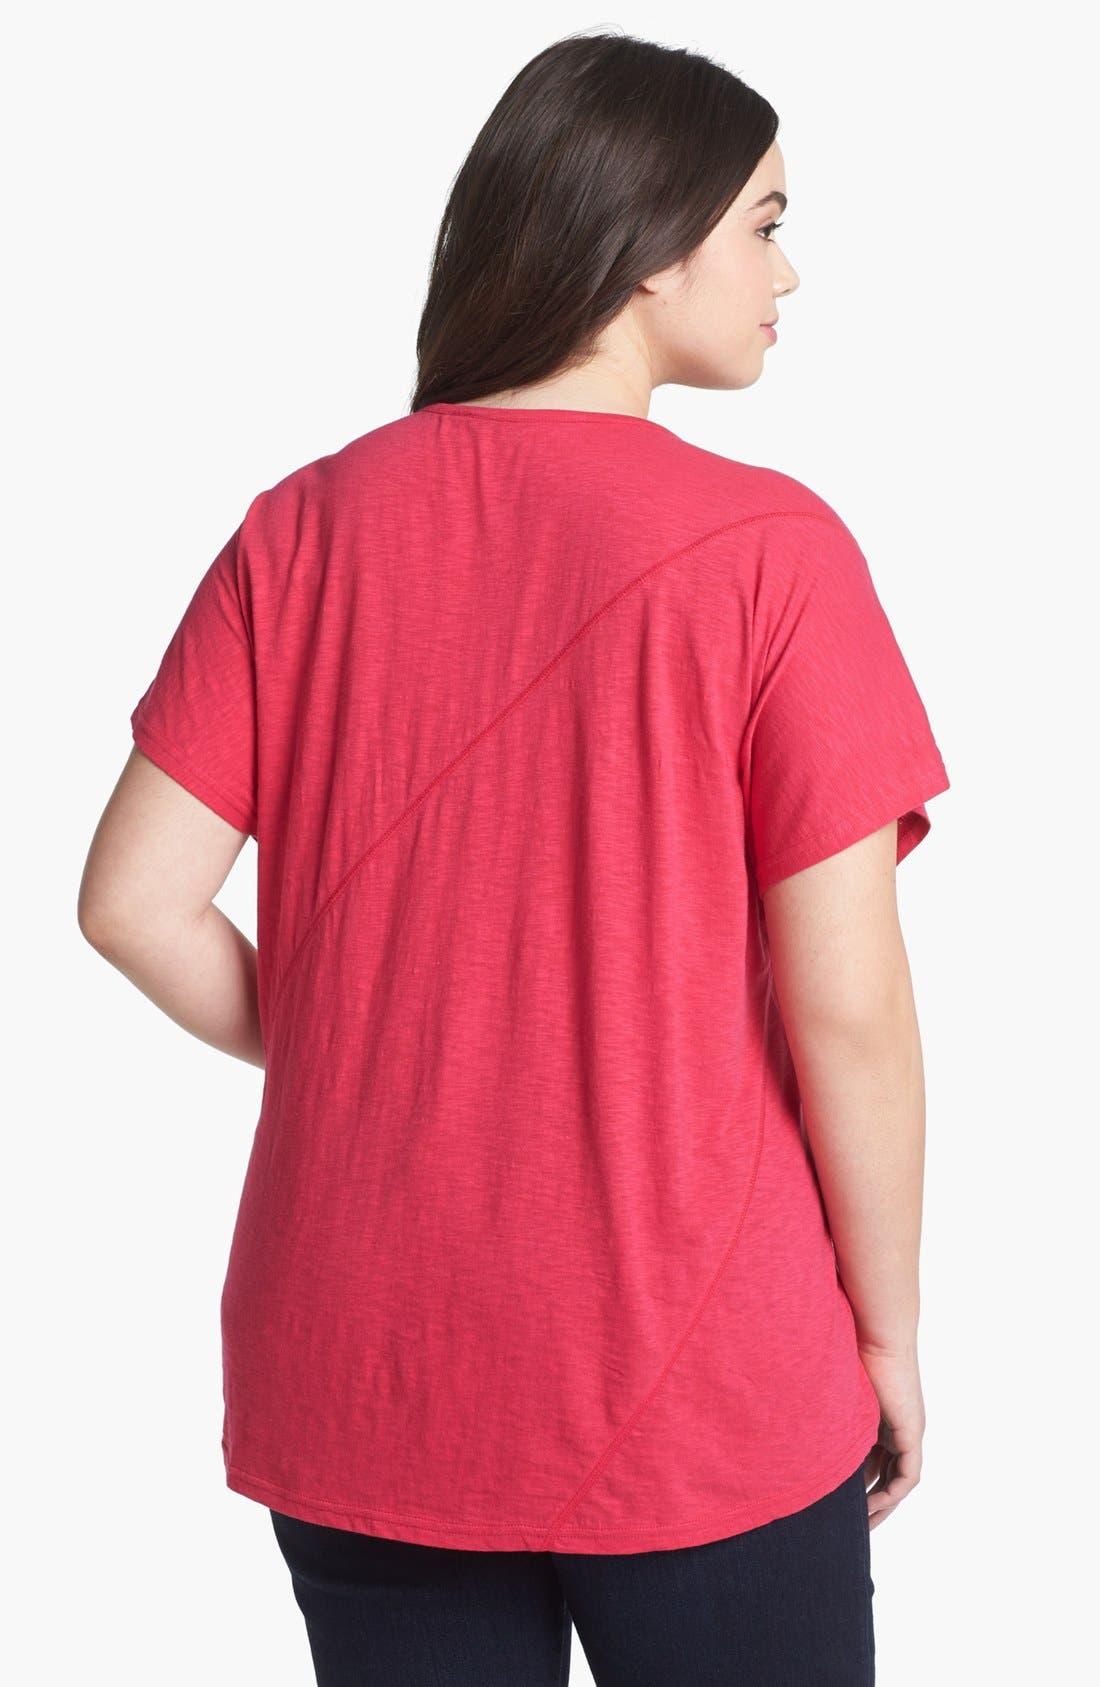 Alternate Image 2  - Sejour Slubbed Cotton Top (Plus Size)